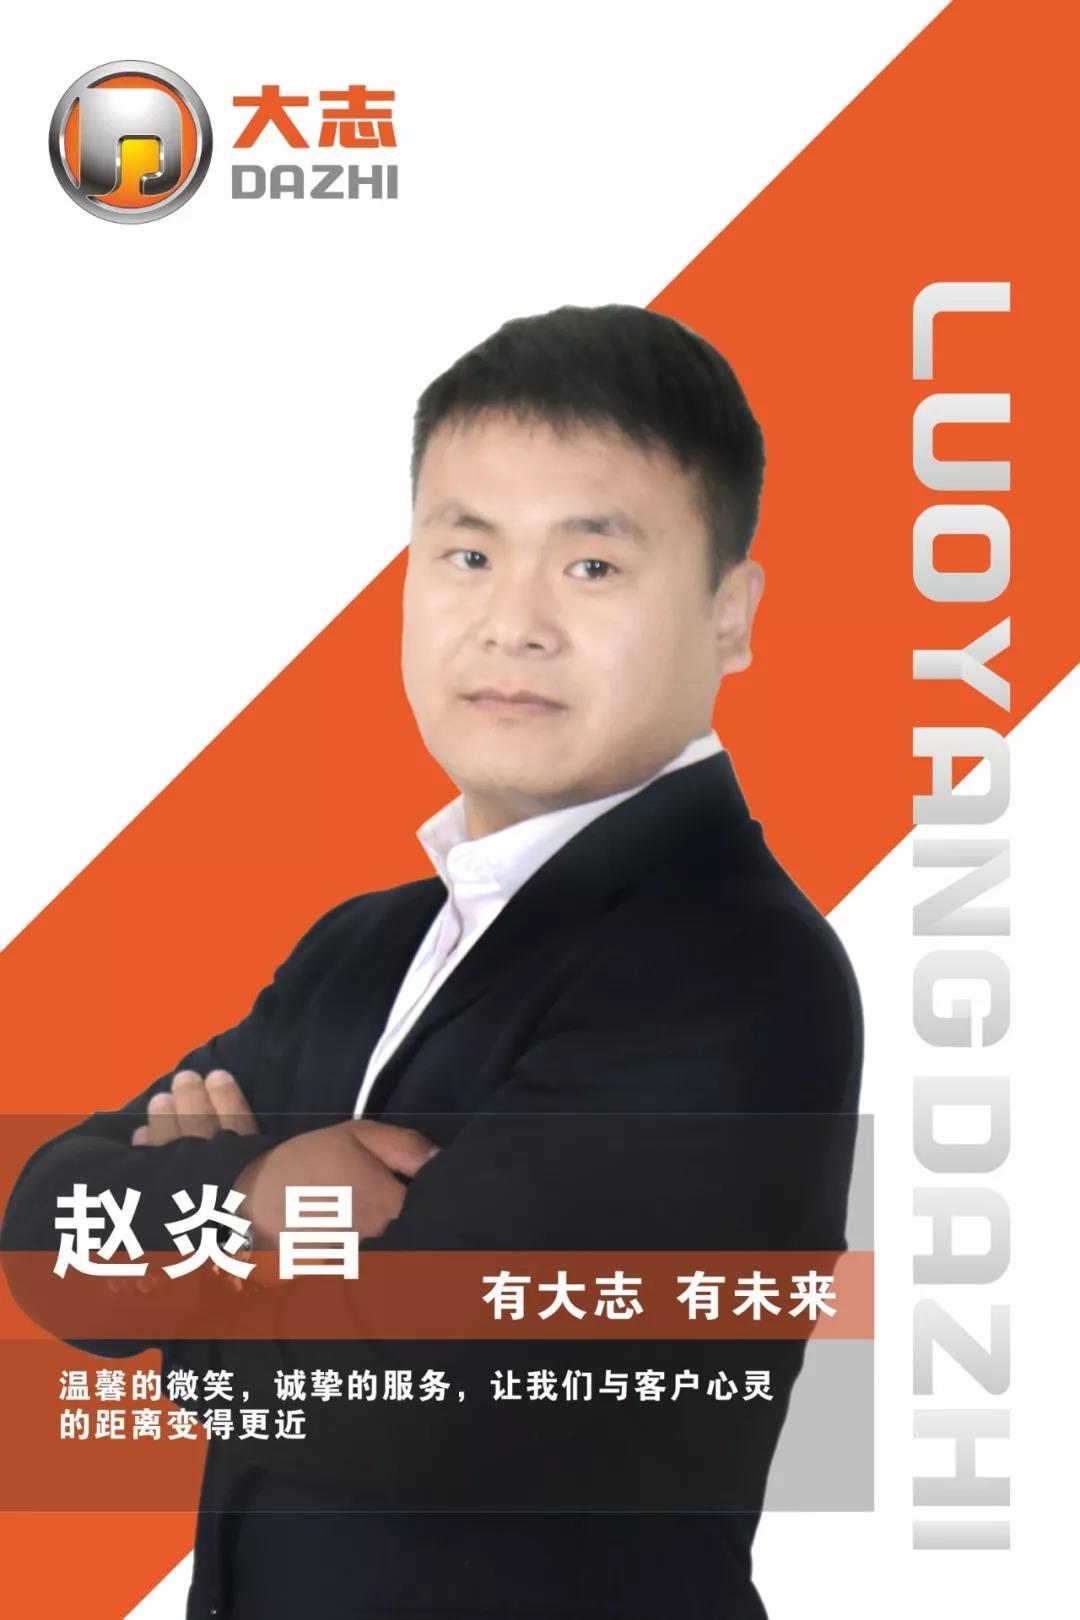 大志微轿业务经理赵炎昌.jpg